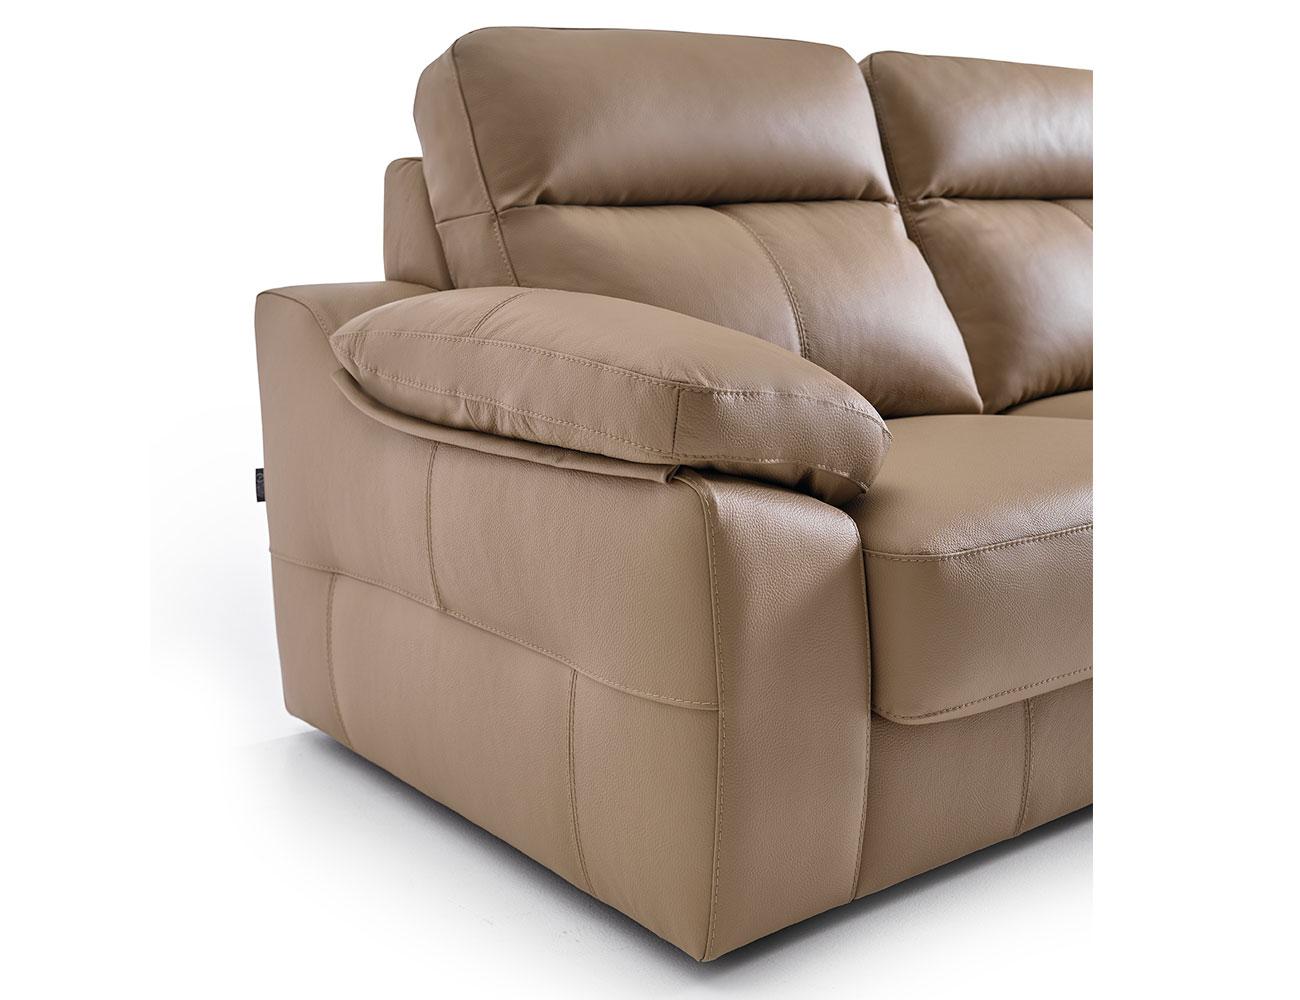 Sofa pedro ortiz piel 3 plazas 3